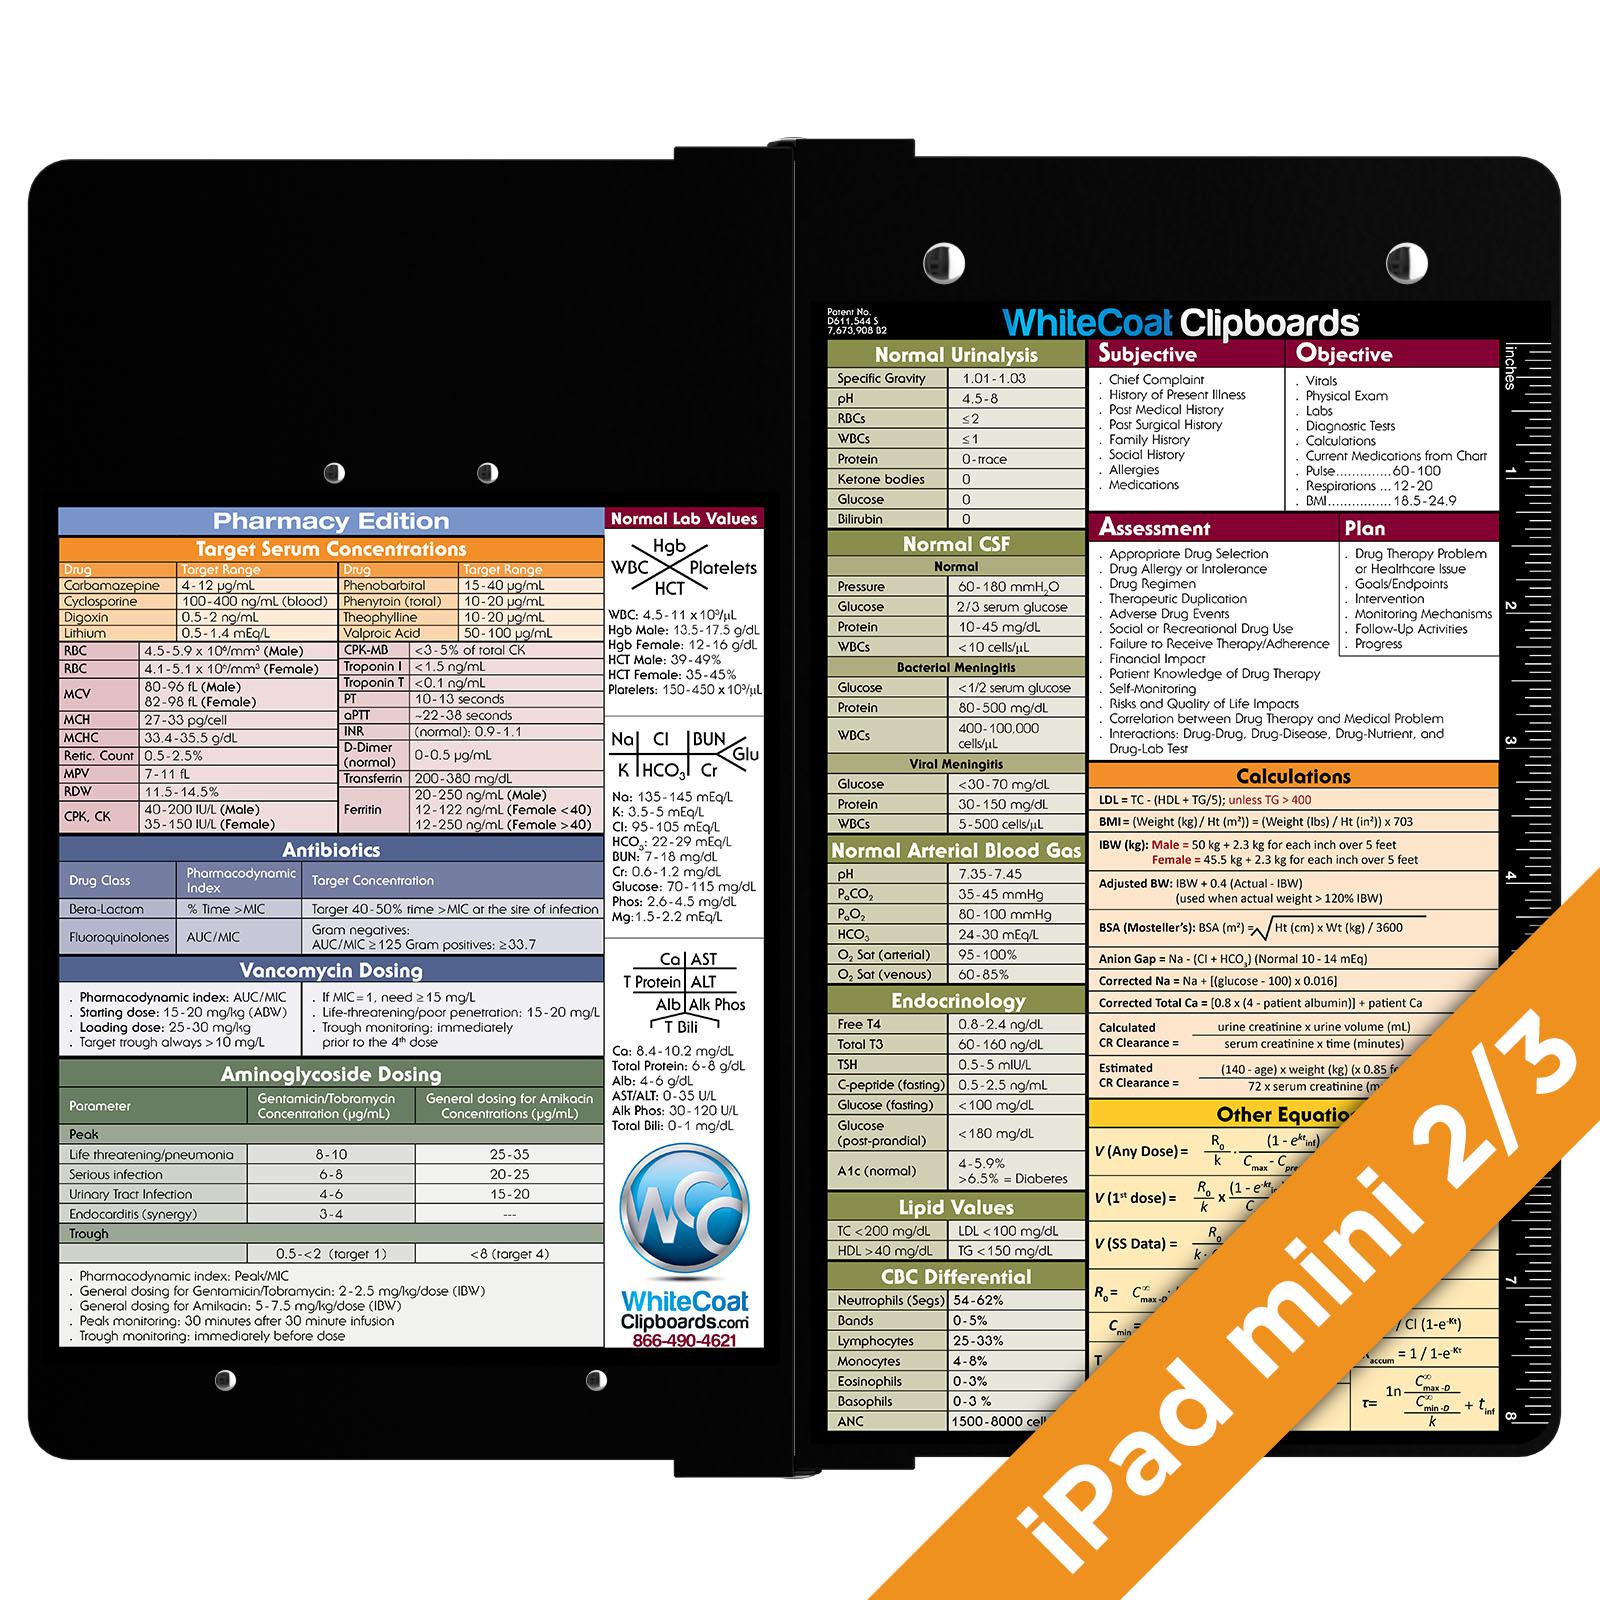 Ipad mini 2 3 whitecoat clipboard pharmacy edition